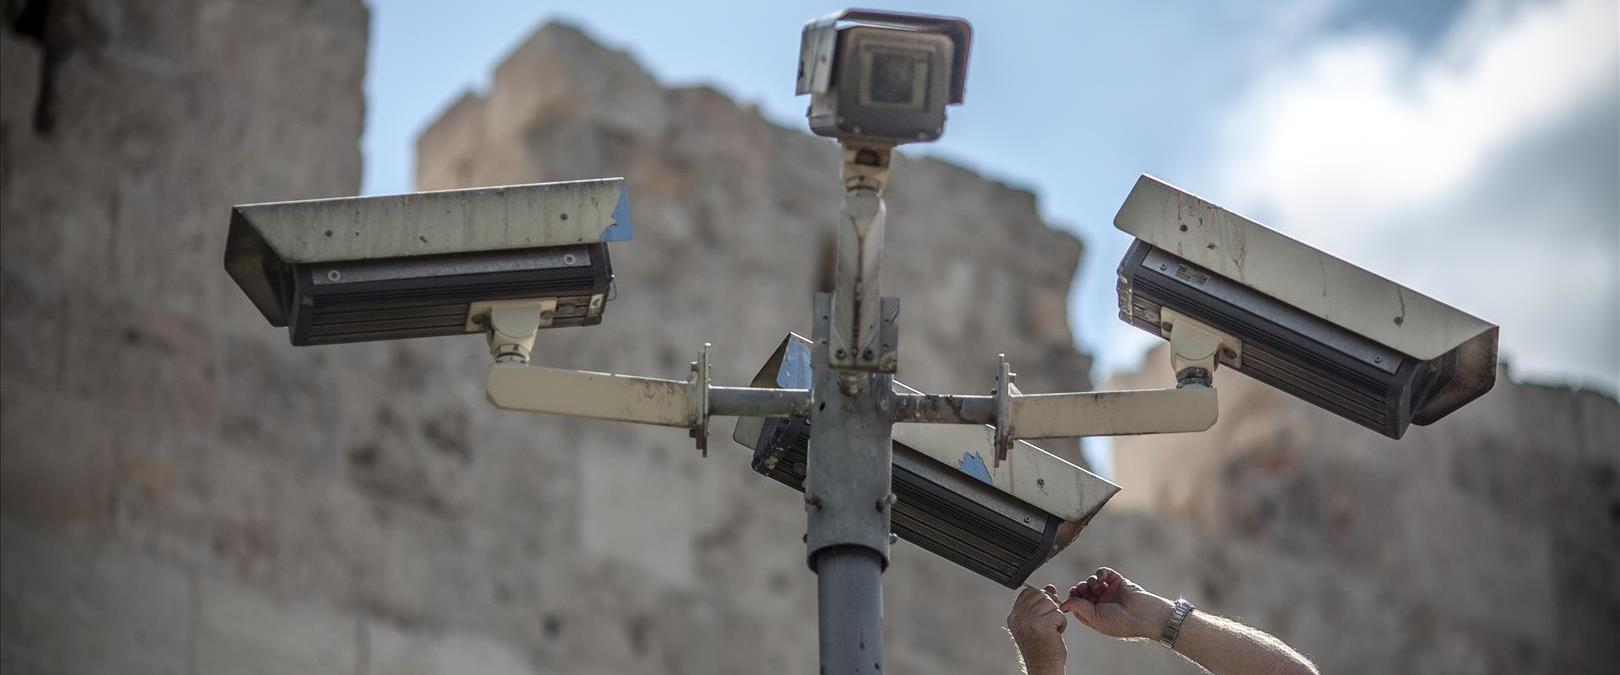 מצלמות אבטחה בעיר העתיקה בירושלים